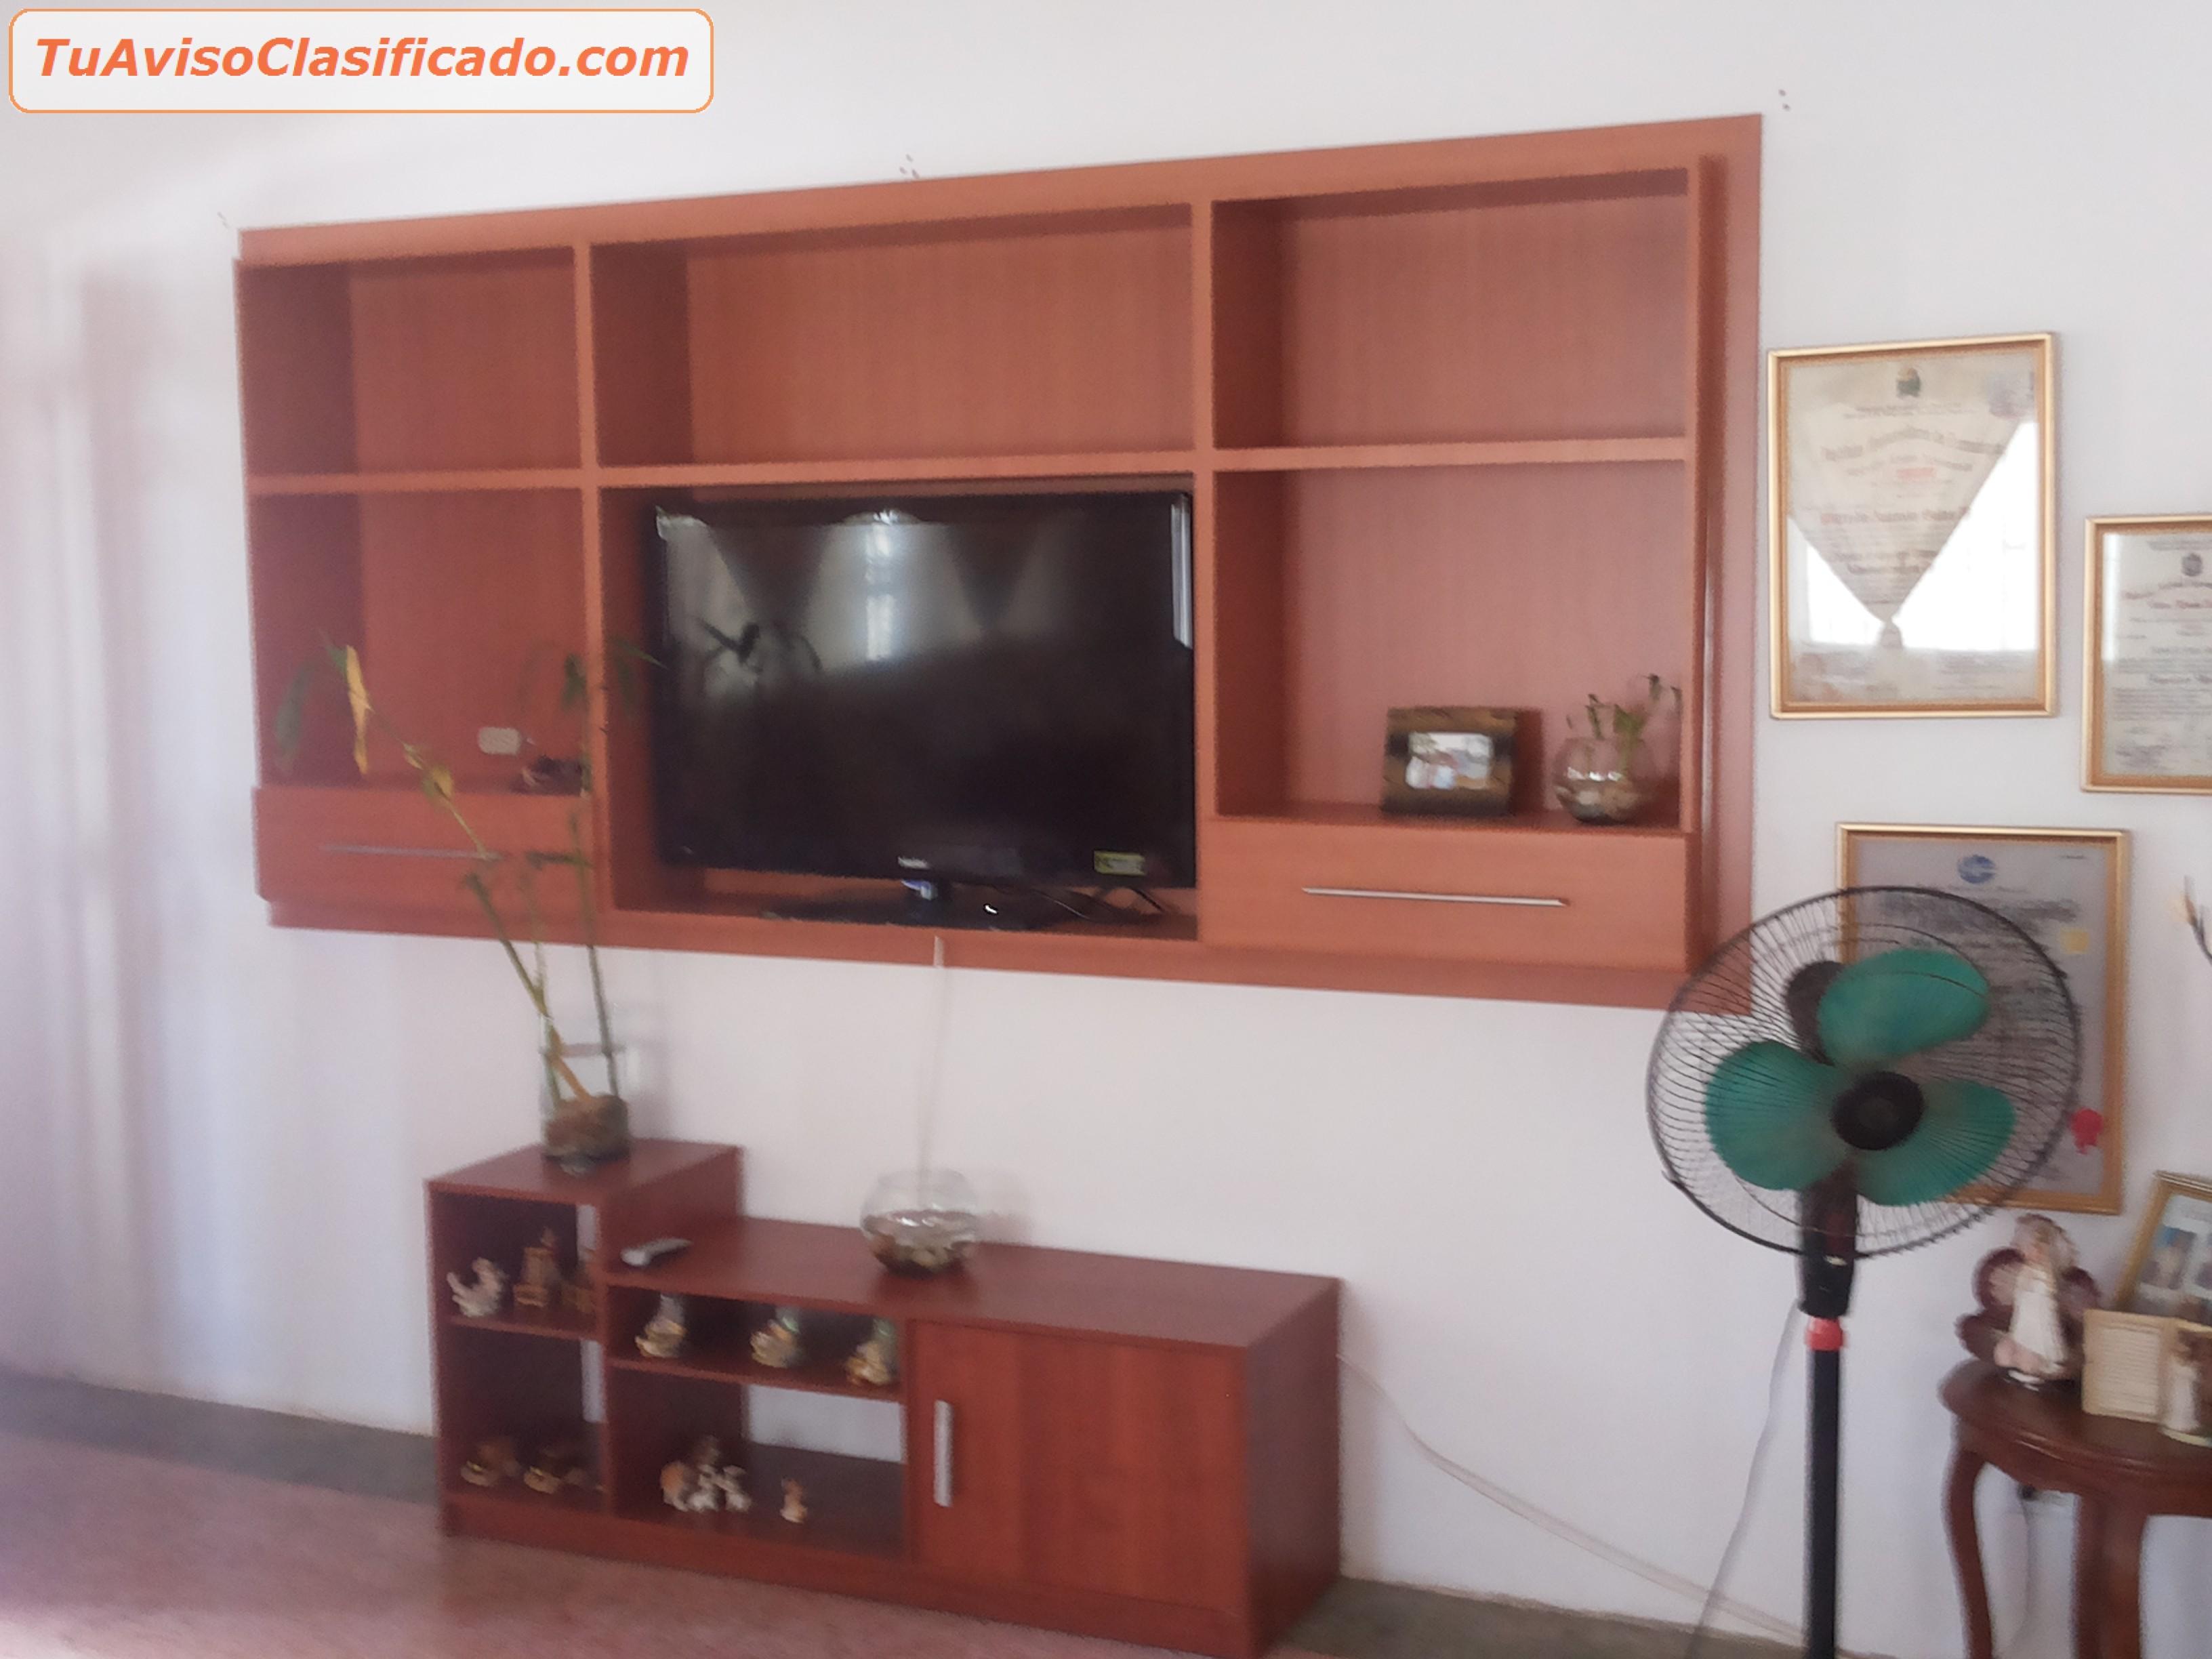 Carpinteria profesional dise os muebles en general for Diseno de muebles para herramientas